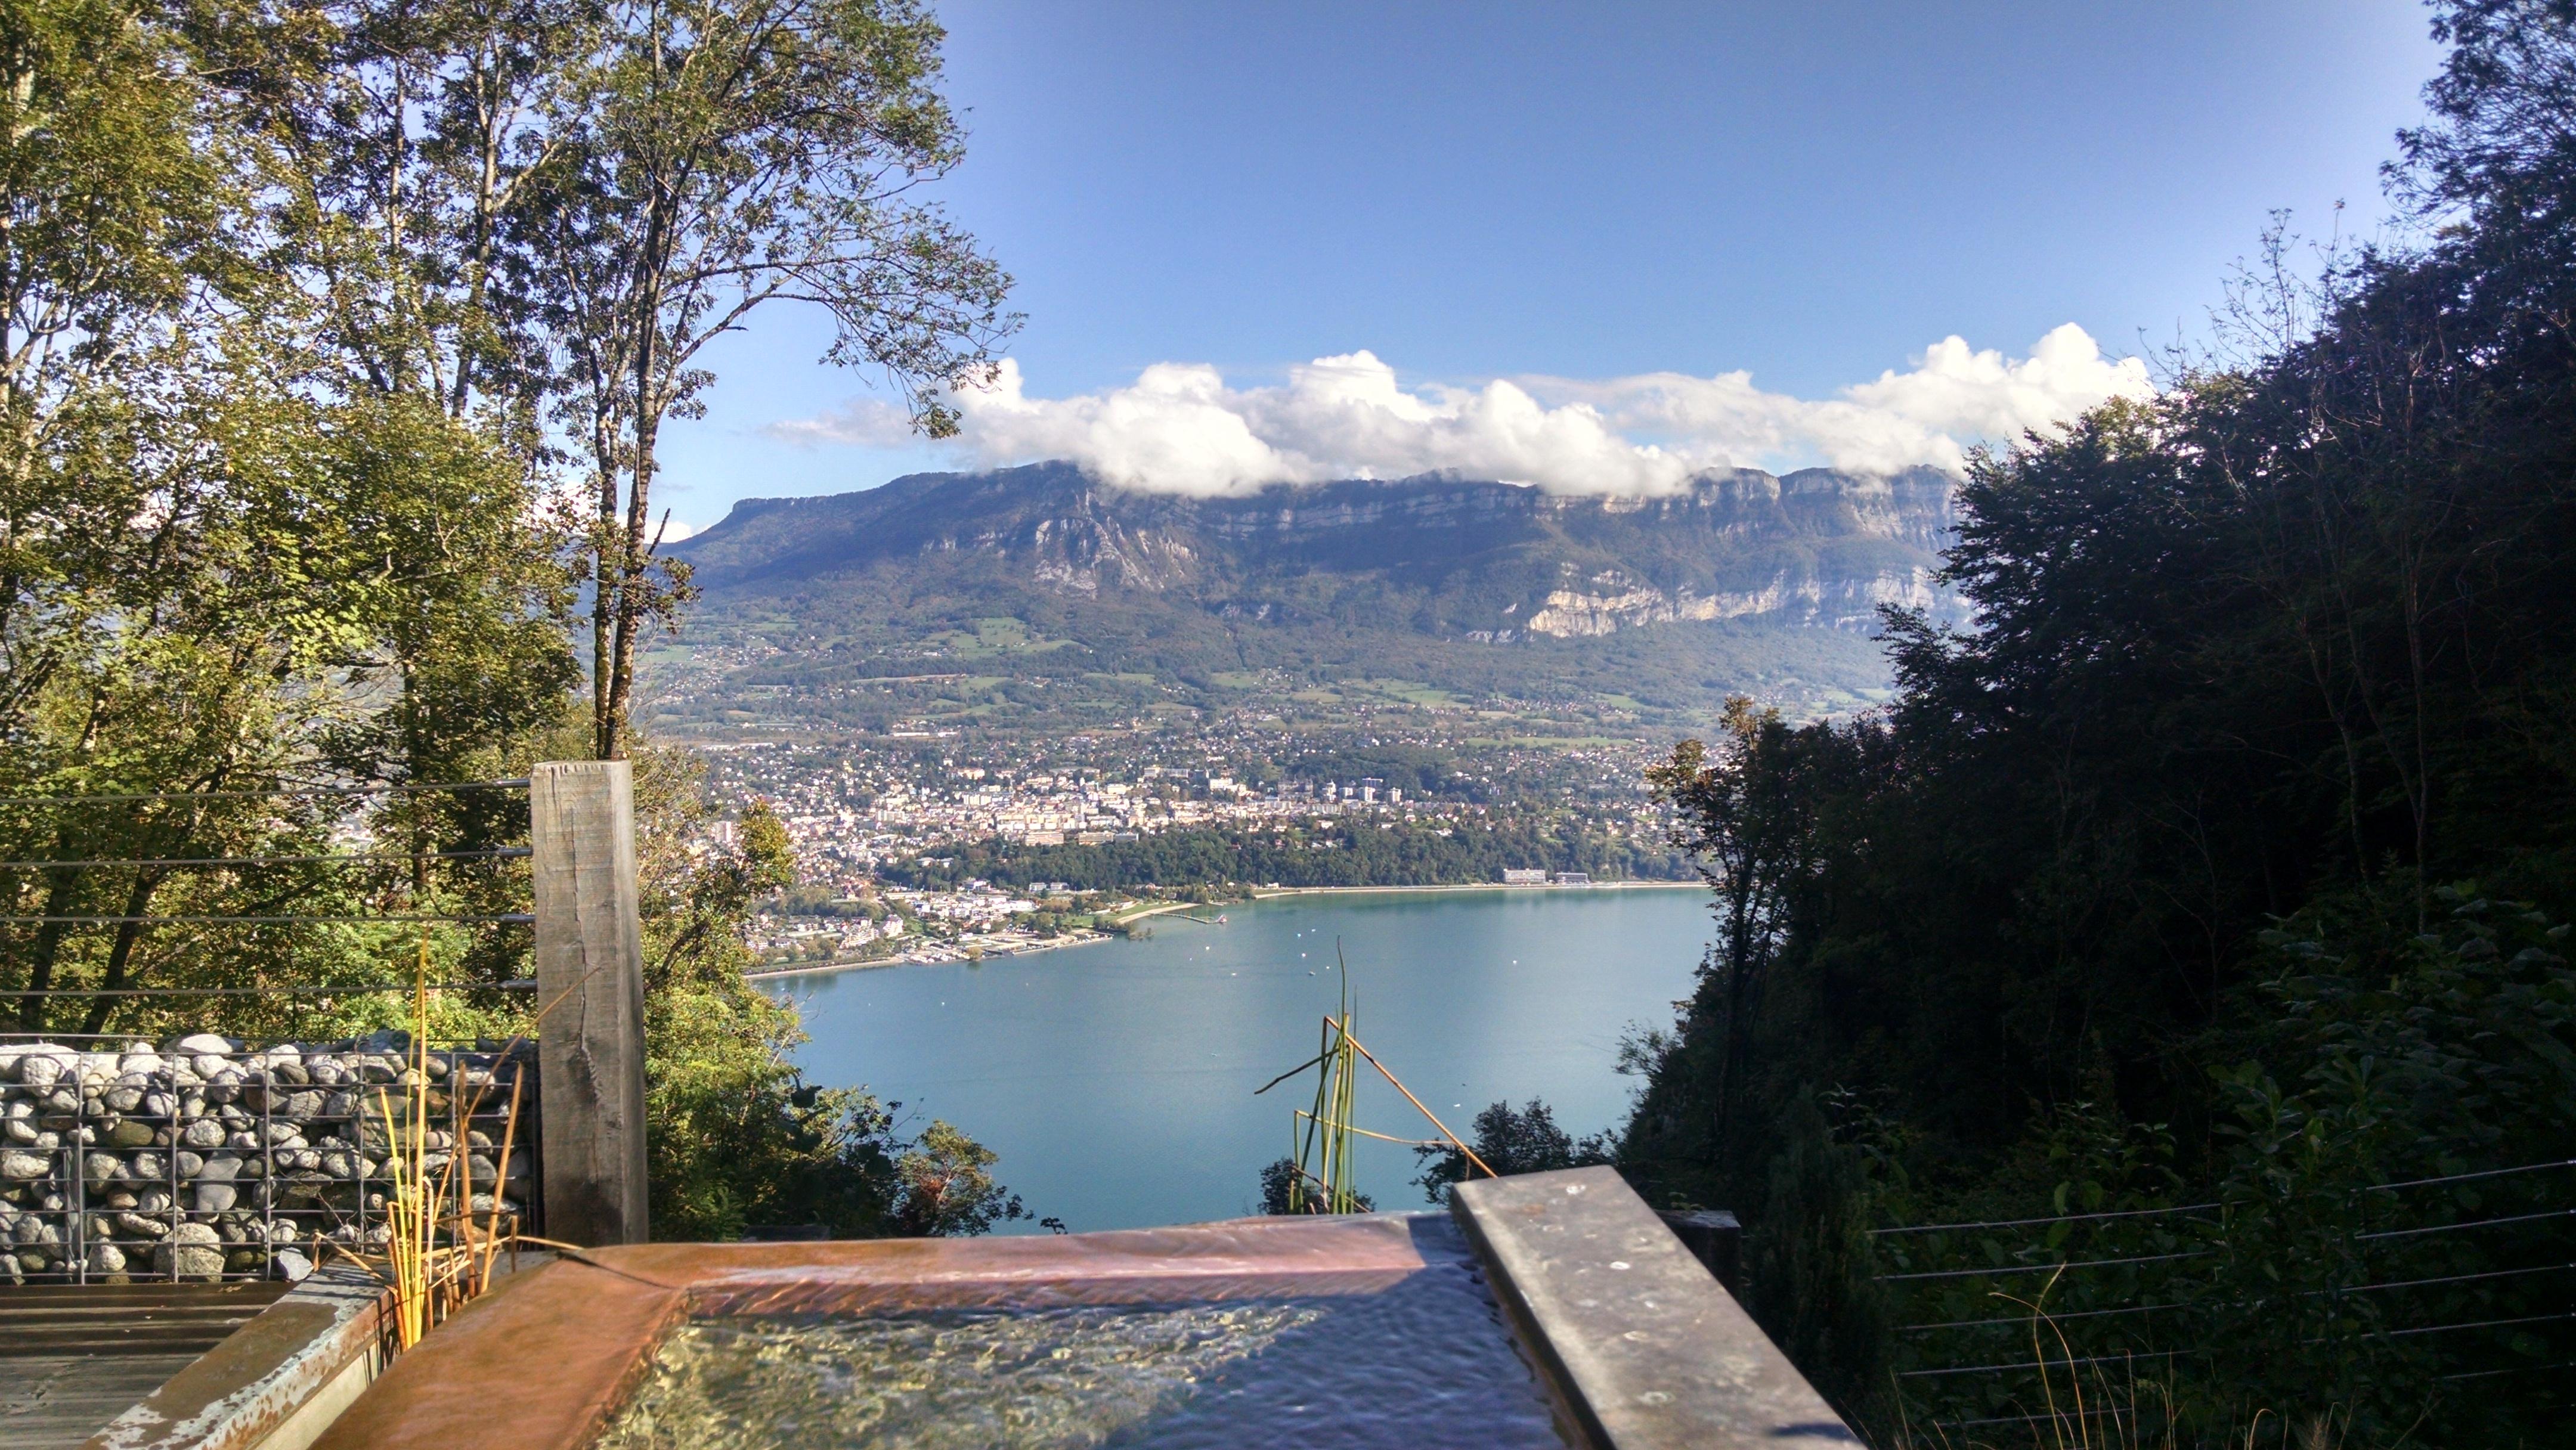 Moradia para Venda às MAISON D'ARCHITECTE AVEC VUE SUR LAC ET MONTAGNES Lac du Bourget Other Rhone-Alpes, Rhone-Alpes 73370 França